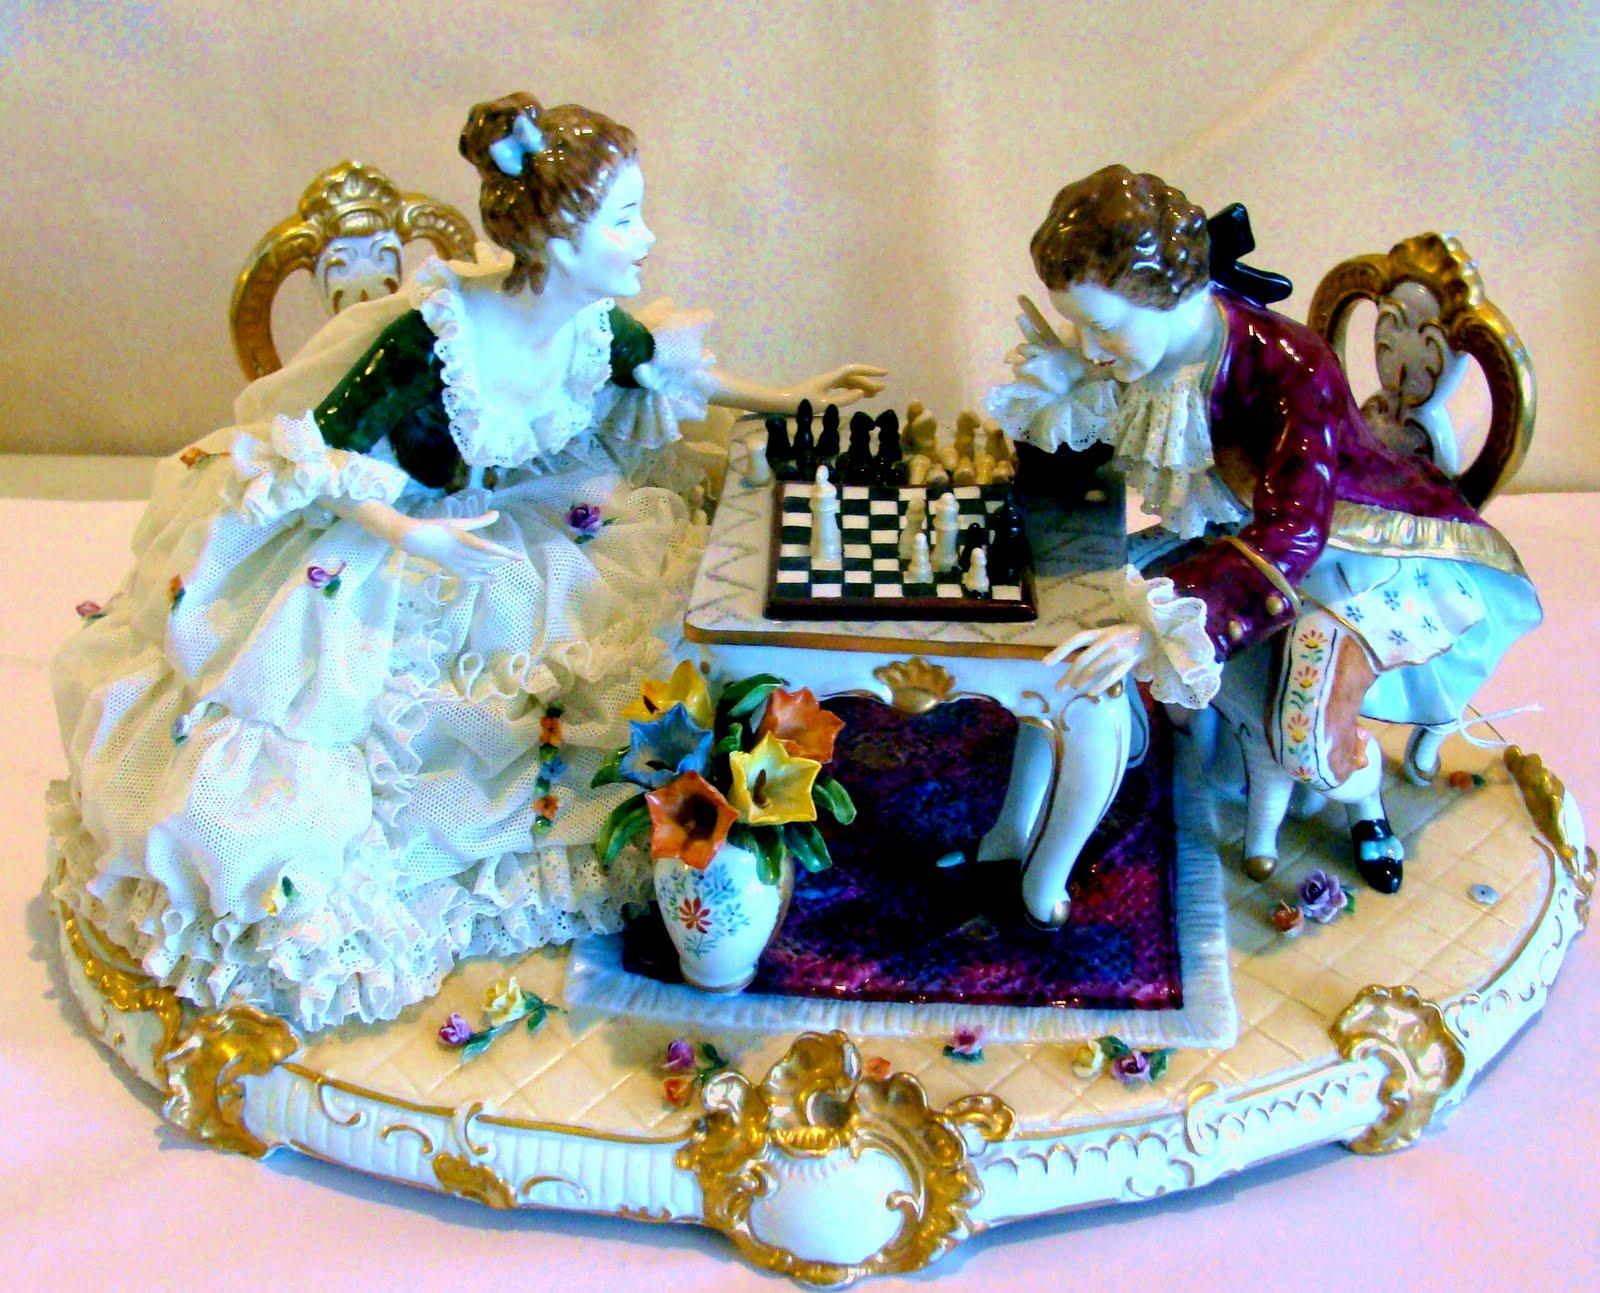 http://2.bp.blogspot.com/_ZiYFctMg1bM/S_GBdUHNFaI/AAAAAAAAACI/NLcgDxhH4F8/s1600/Dresden_Lace_Grouping_of_a_Game_of_Chess.jpg